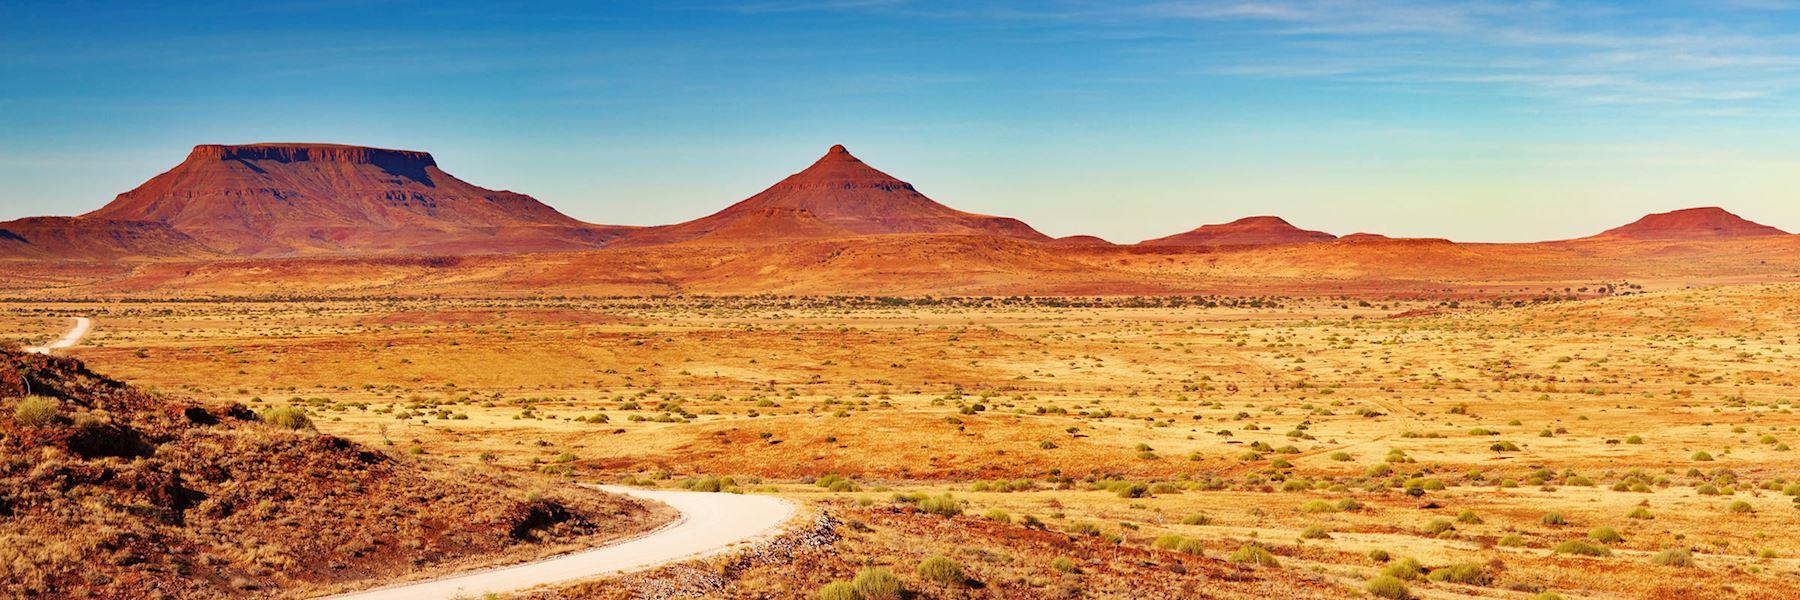 Visit Northern Namibia, Namibia